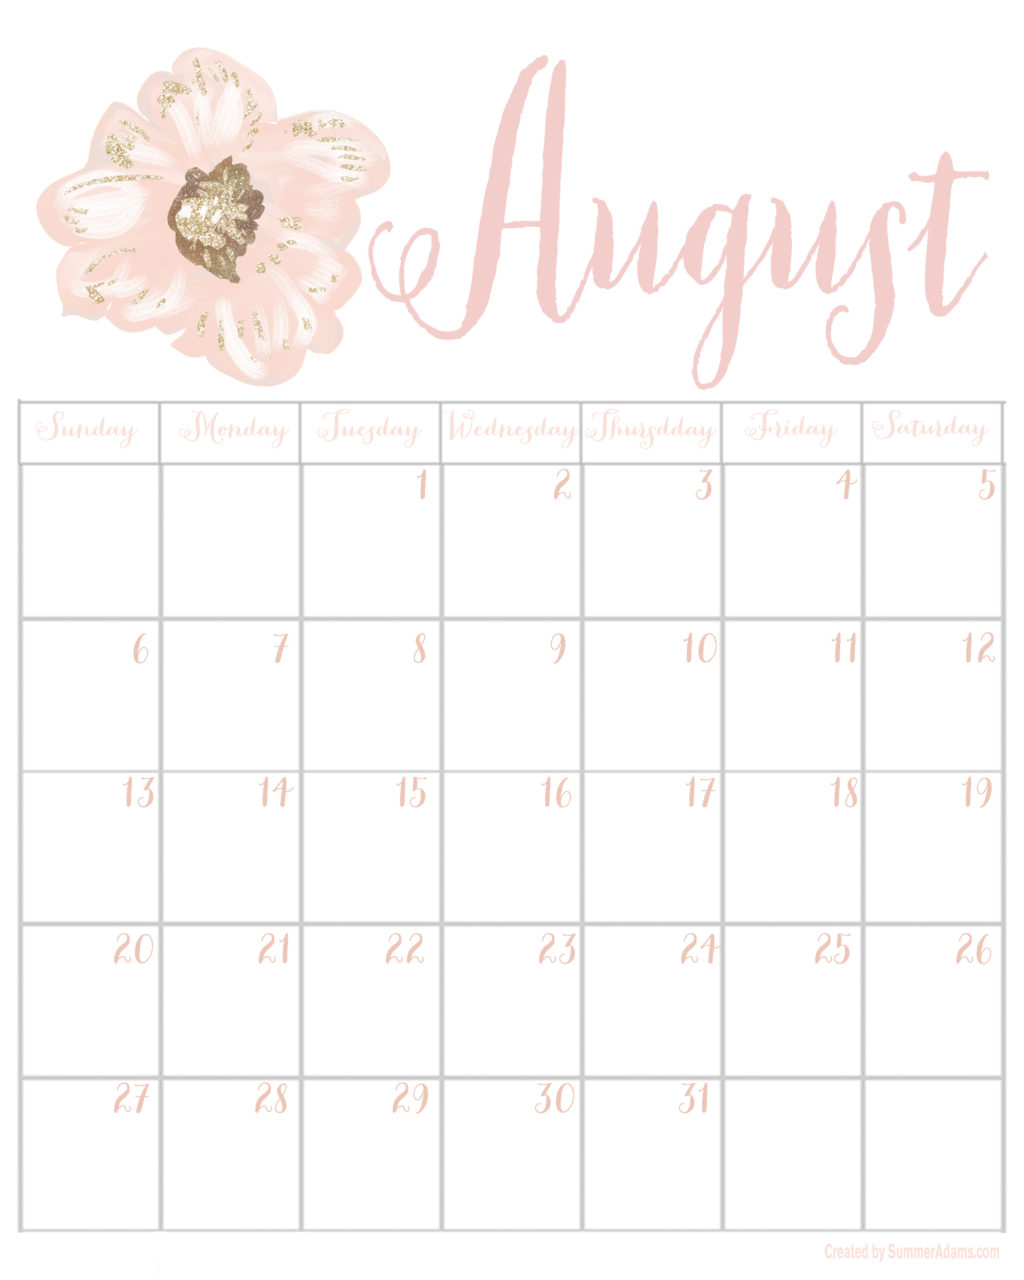 2017 Calendars - July through December - Summer Adams